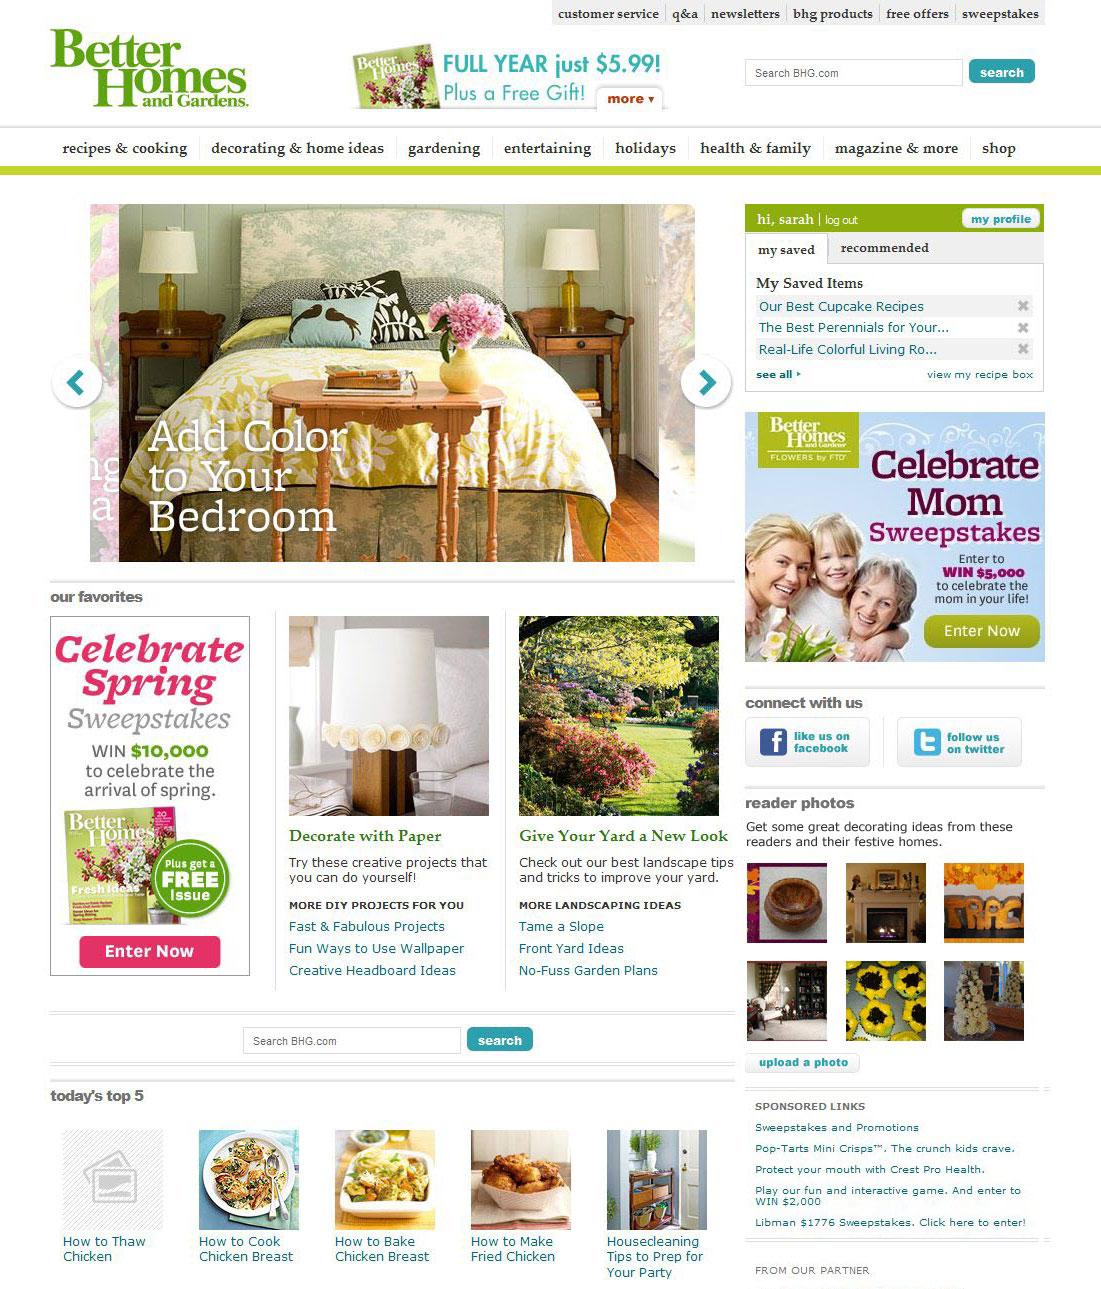 Better Homes & Gardens website, screenshot